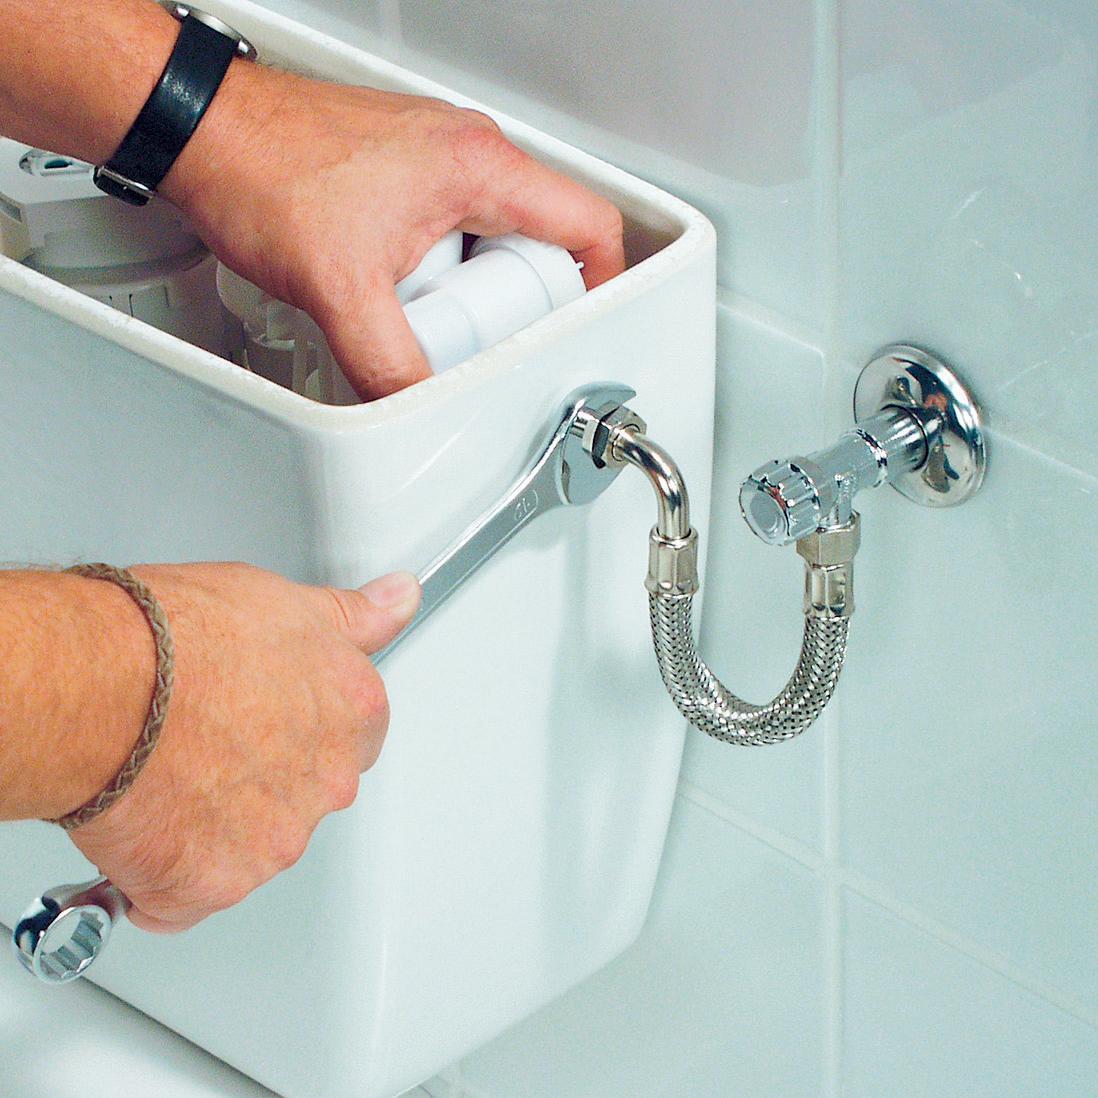 Подключение шланга холодной воды